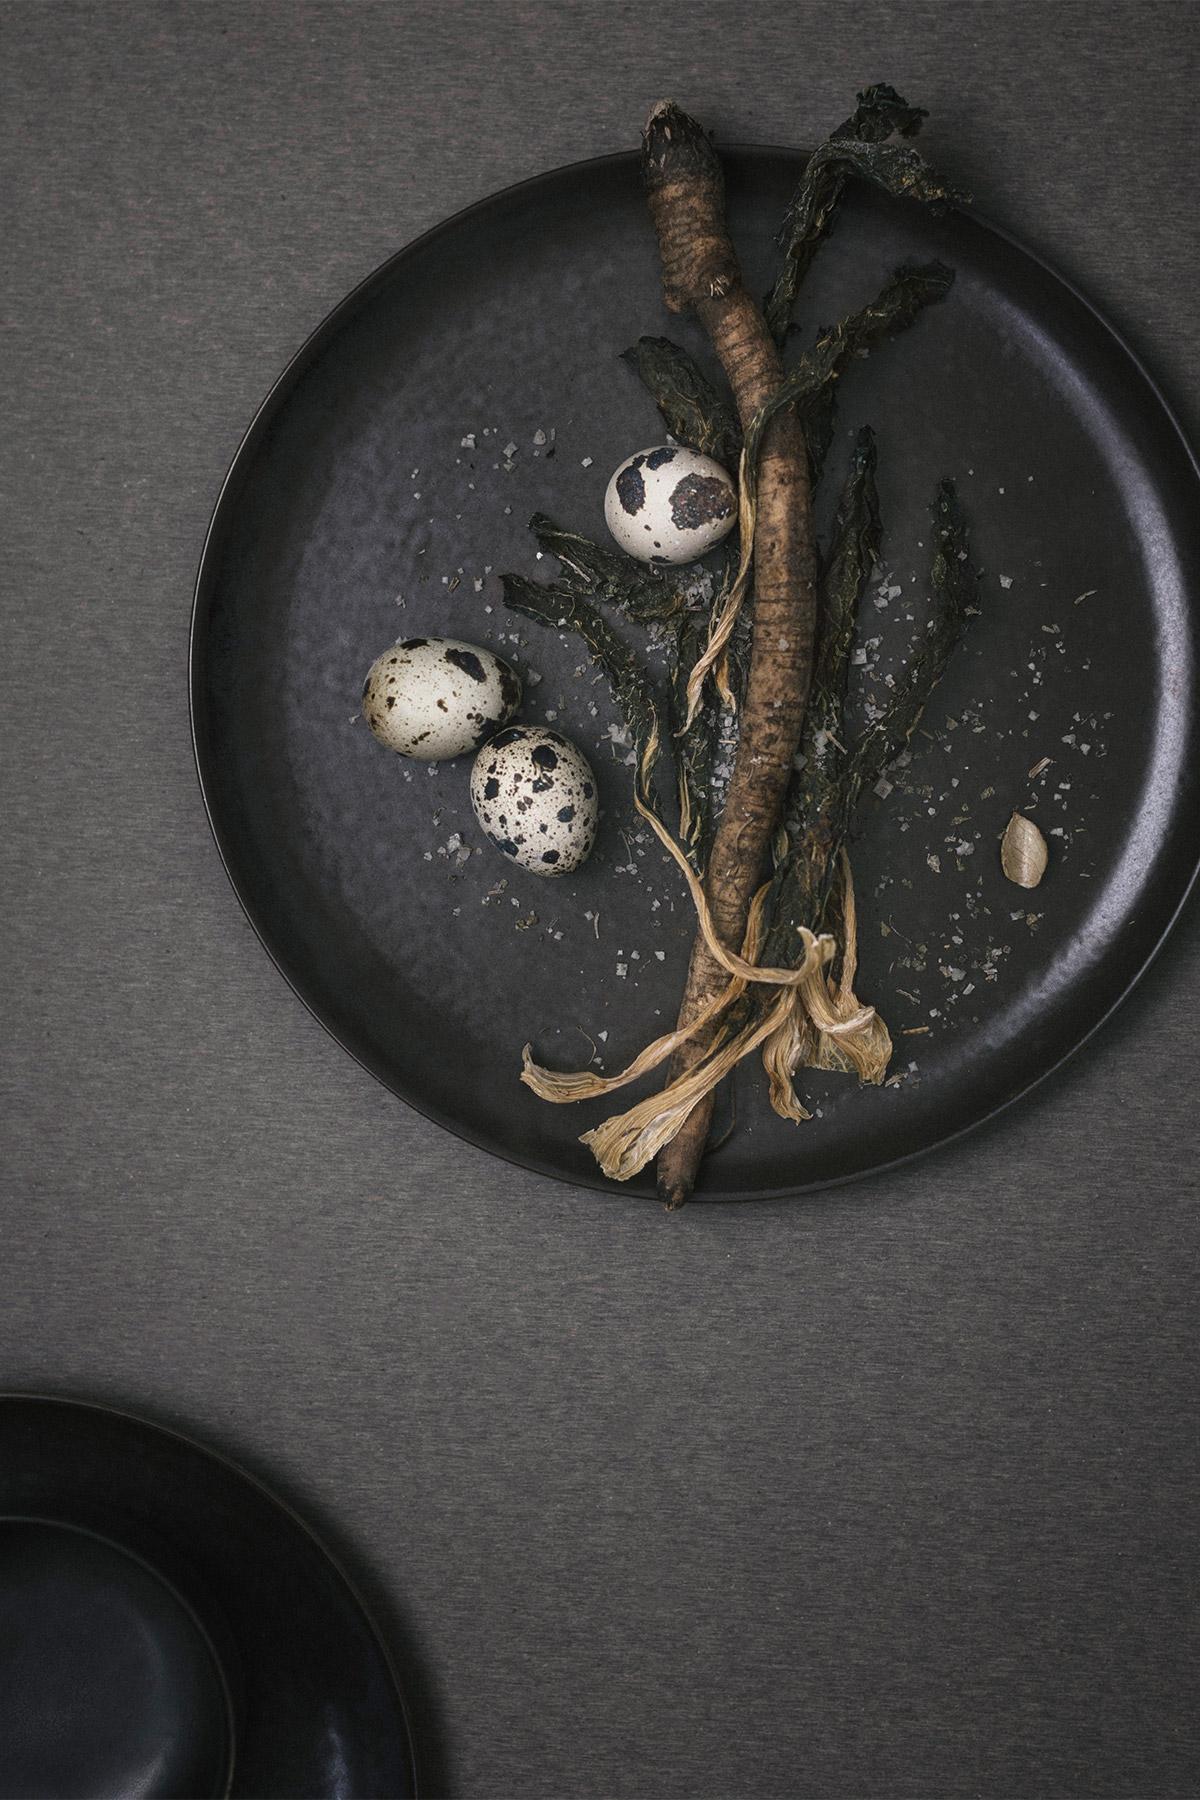 Dark glazed dinner plate with quails egg